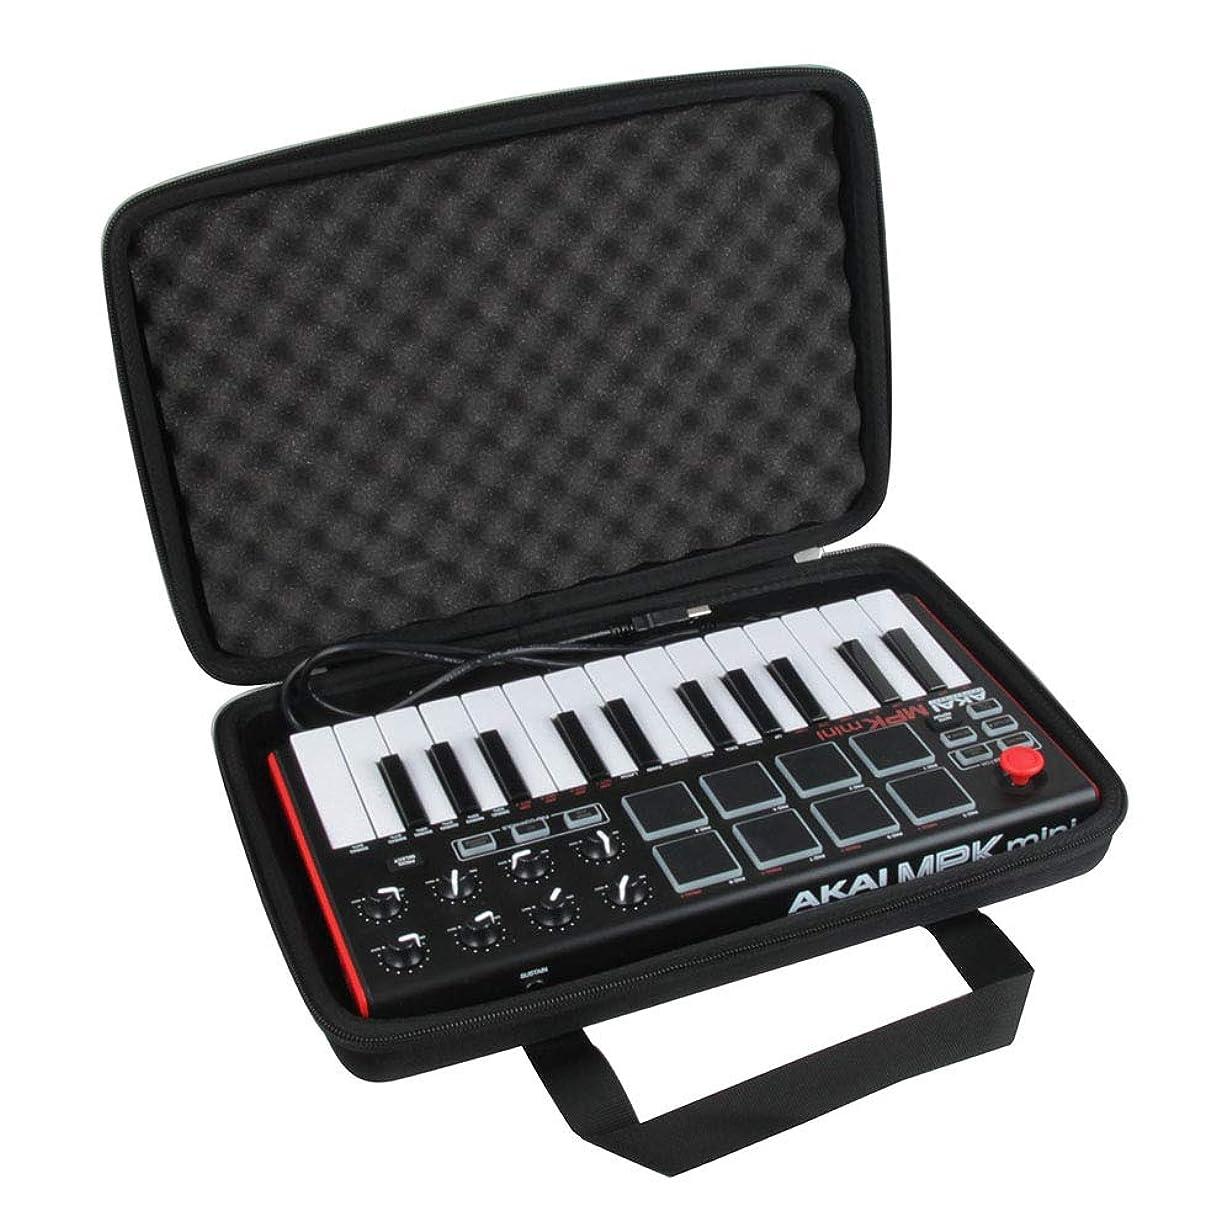 ビルマために退院Akai Professional スタンドアローン?MIDIキーボードコントローラー MPK Mini Play専用収納ケース-Hermitshell